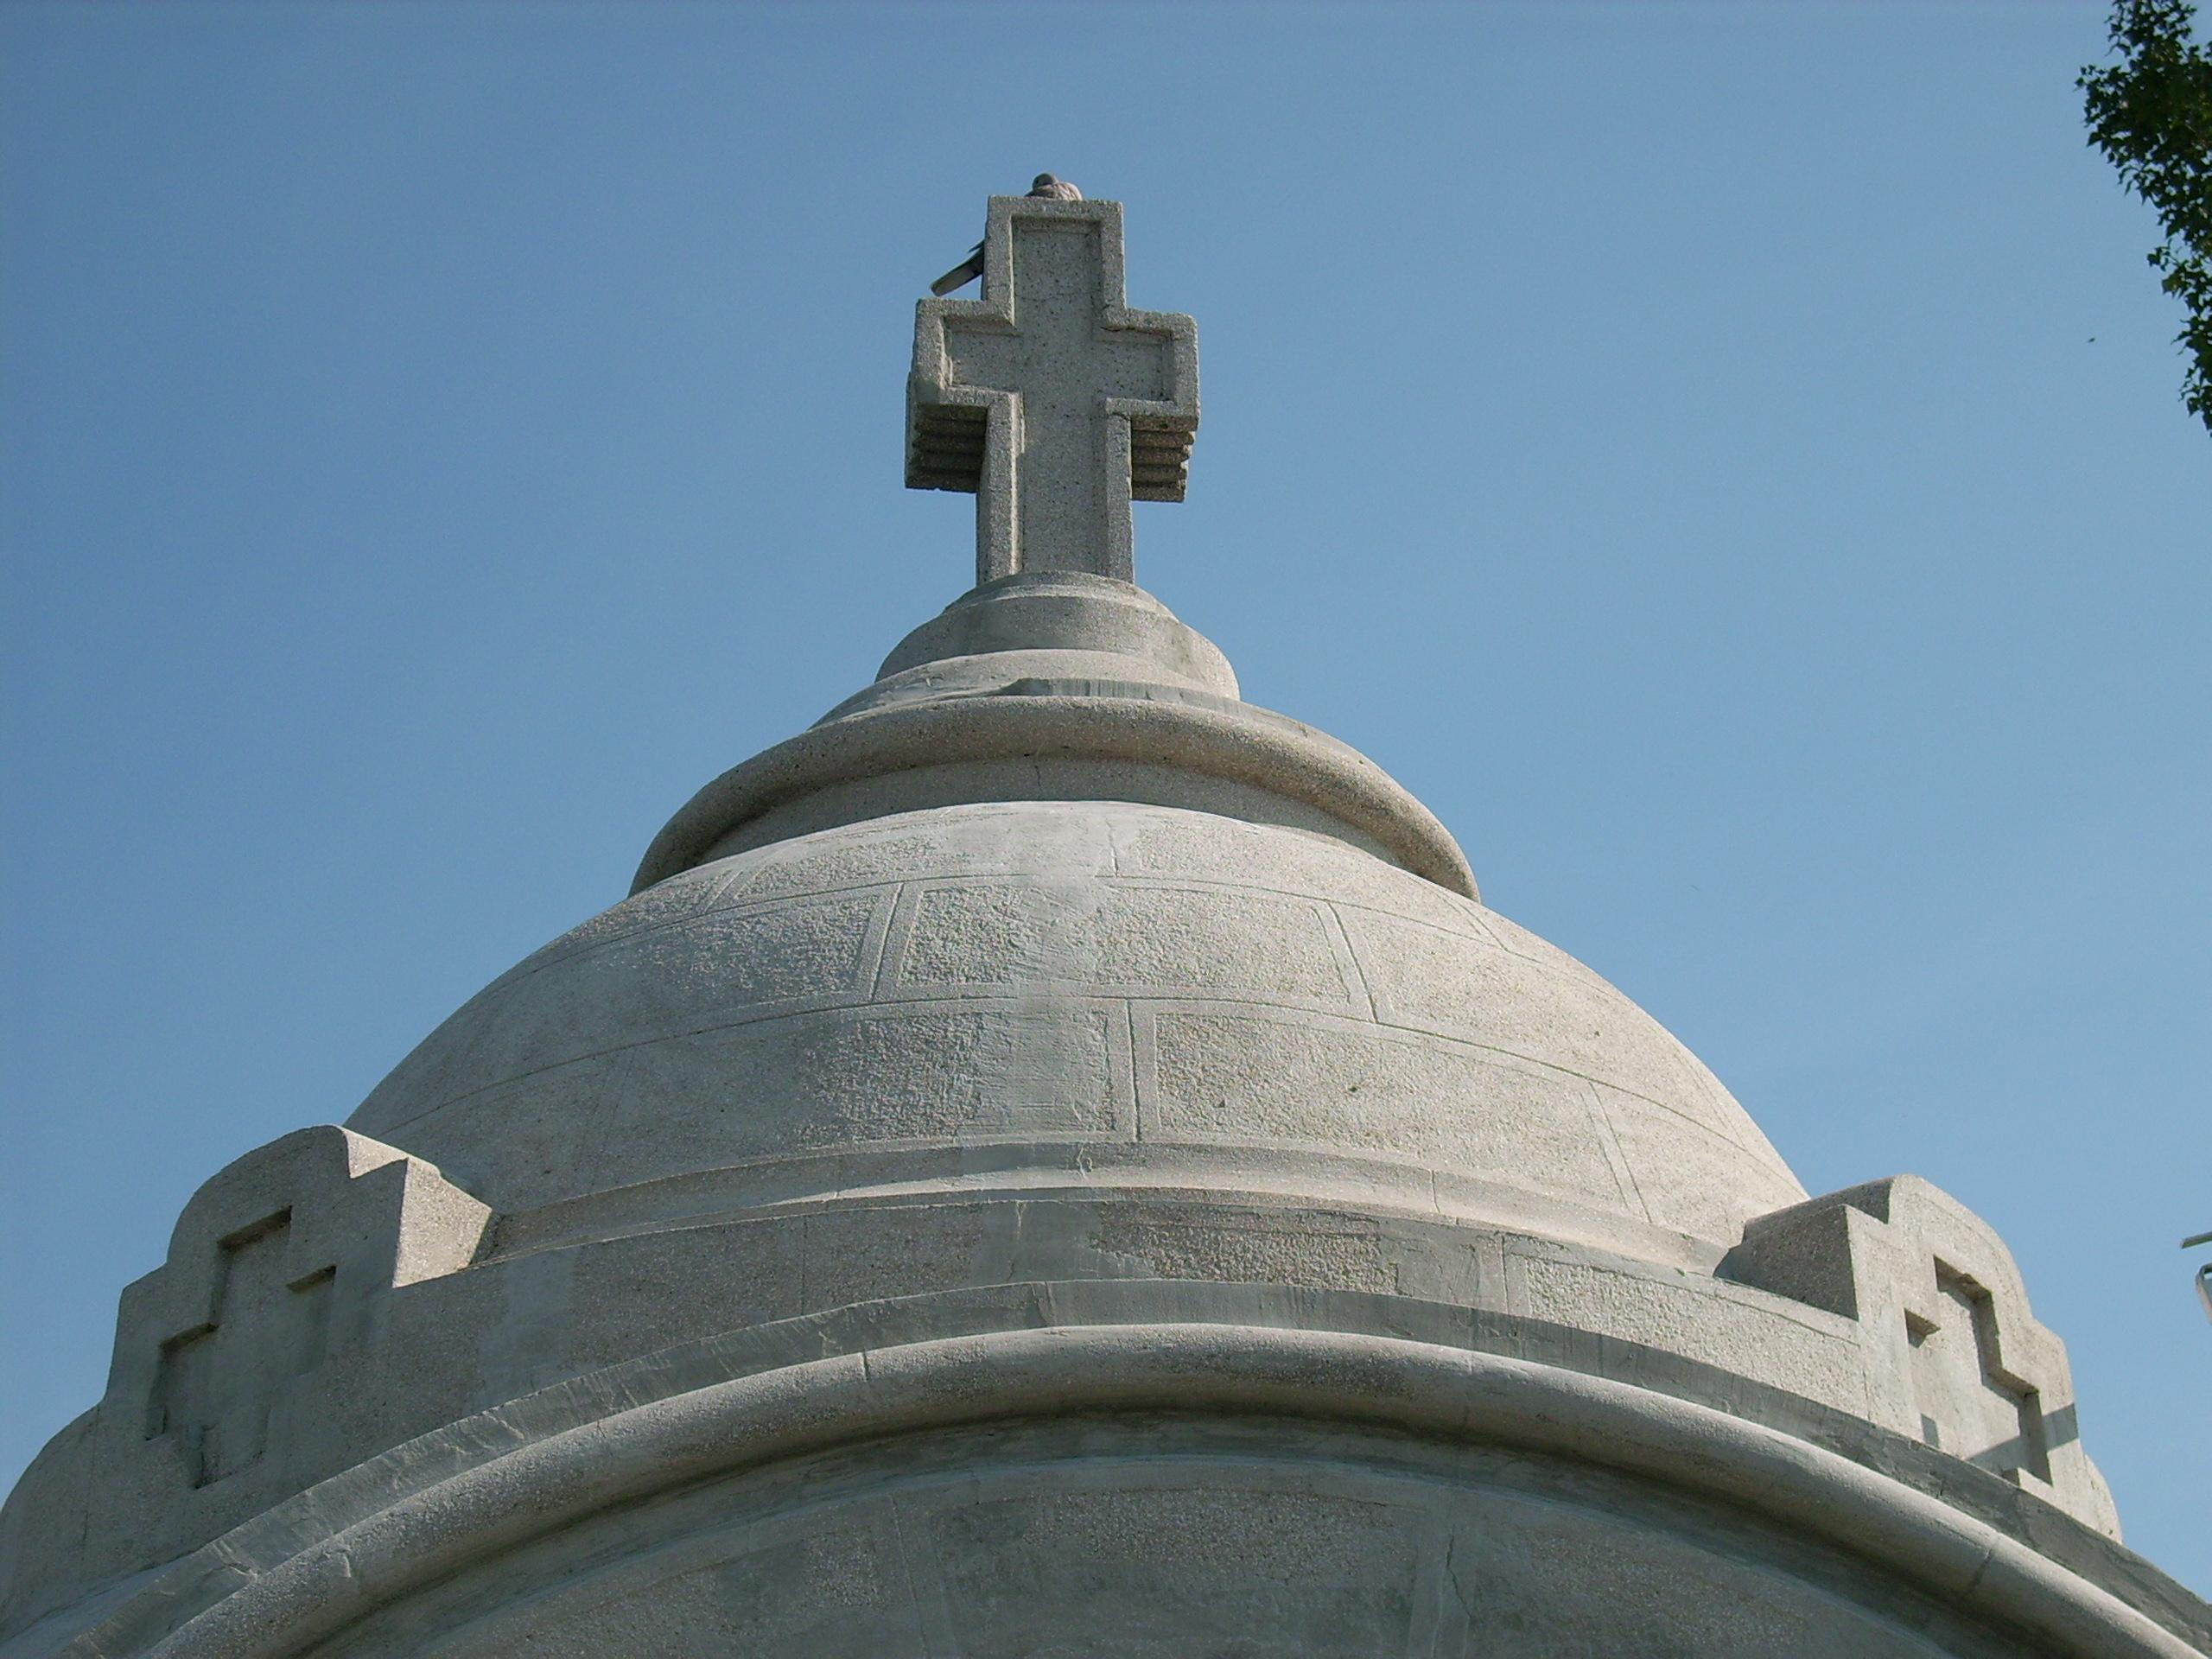 Aplicarea tratamentelor de impermeabilizare - Monument funerar UNICO PROFIT - Poza 4